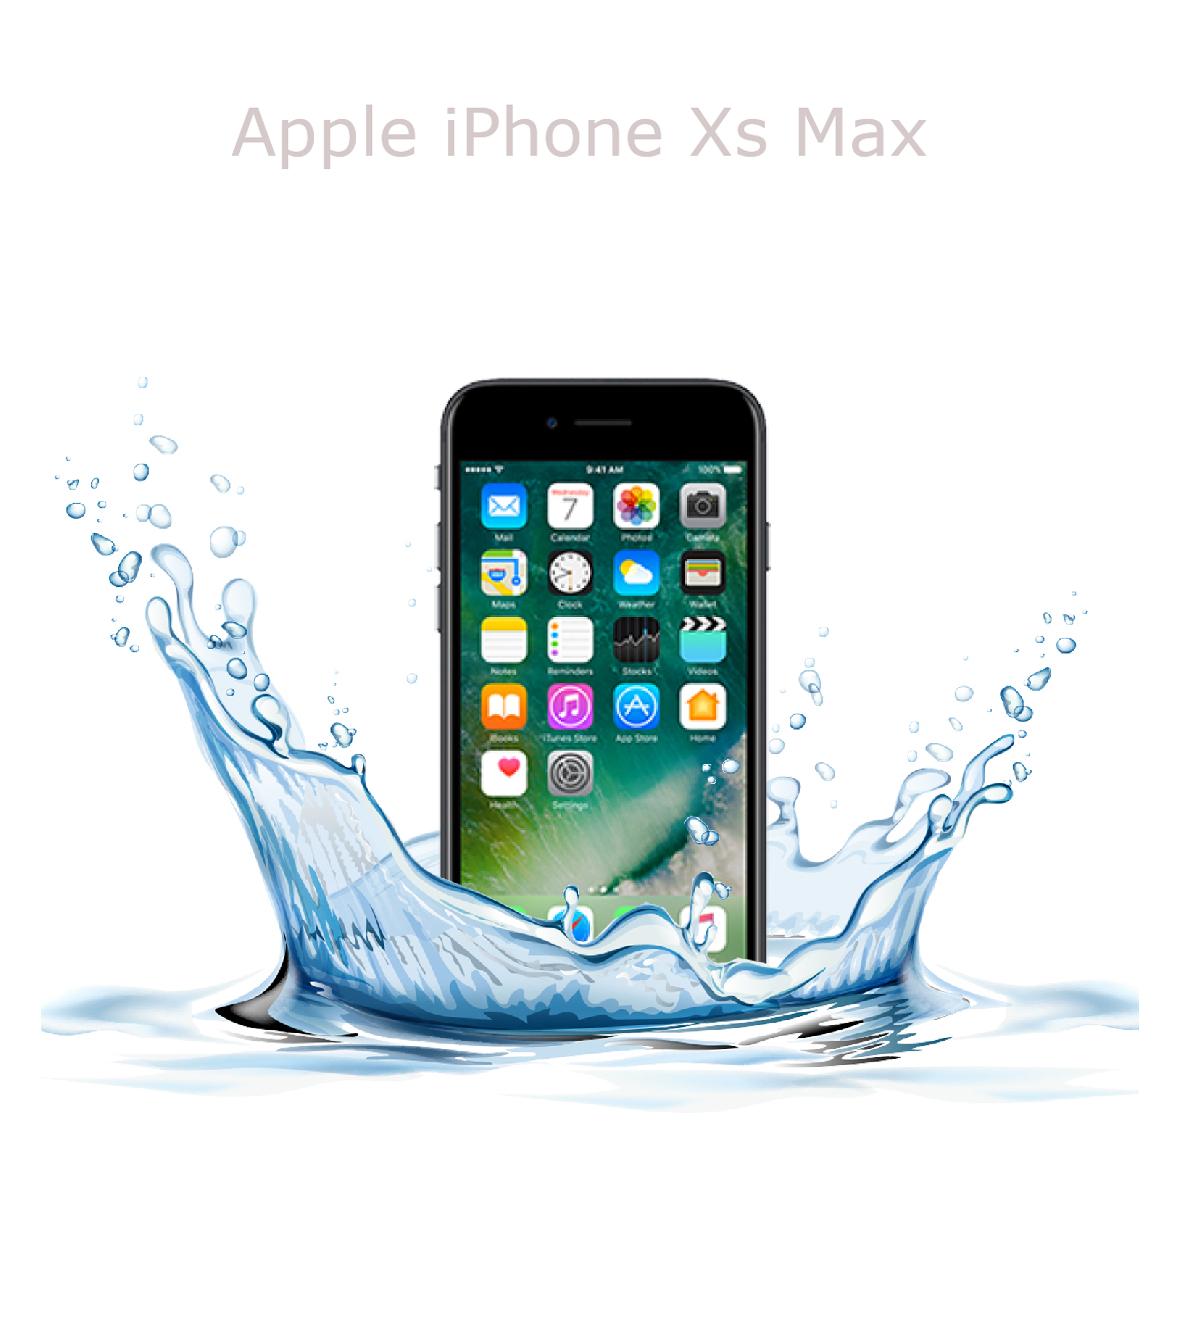 Laga fukt/vattenskadad iPhone Xs Max